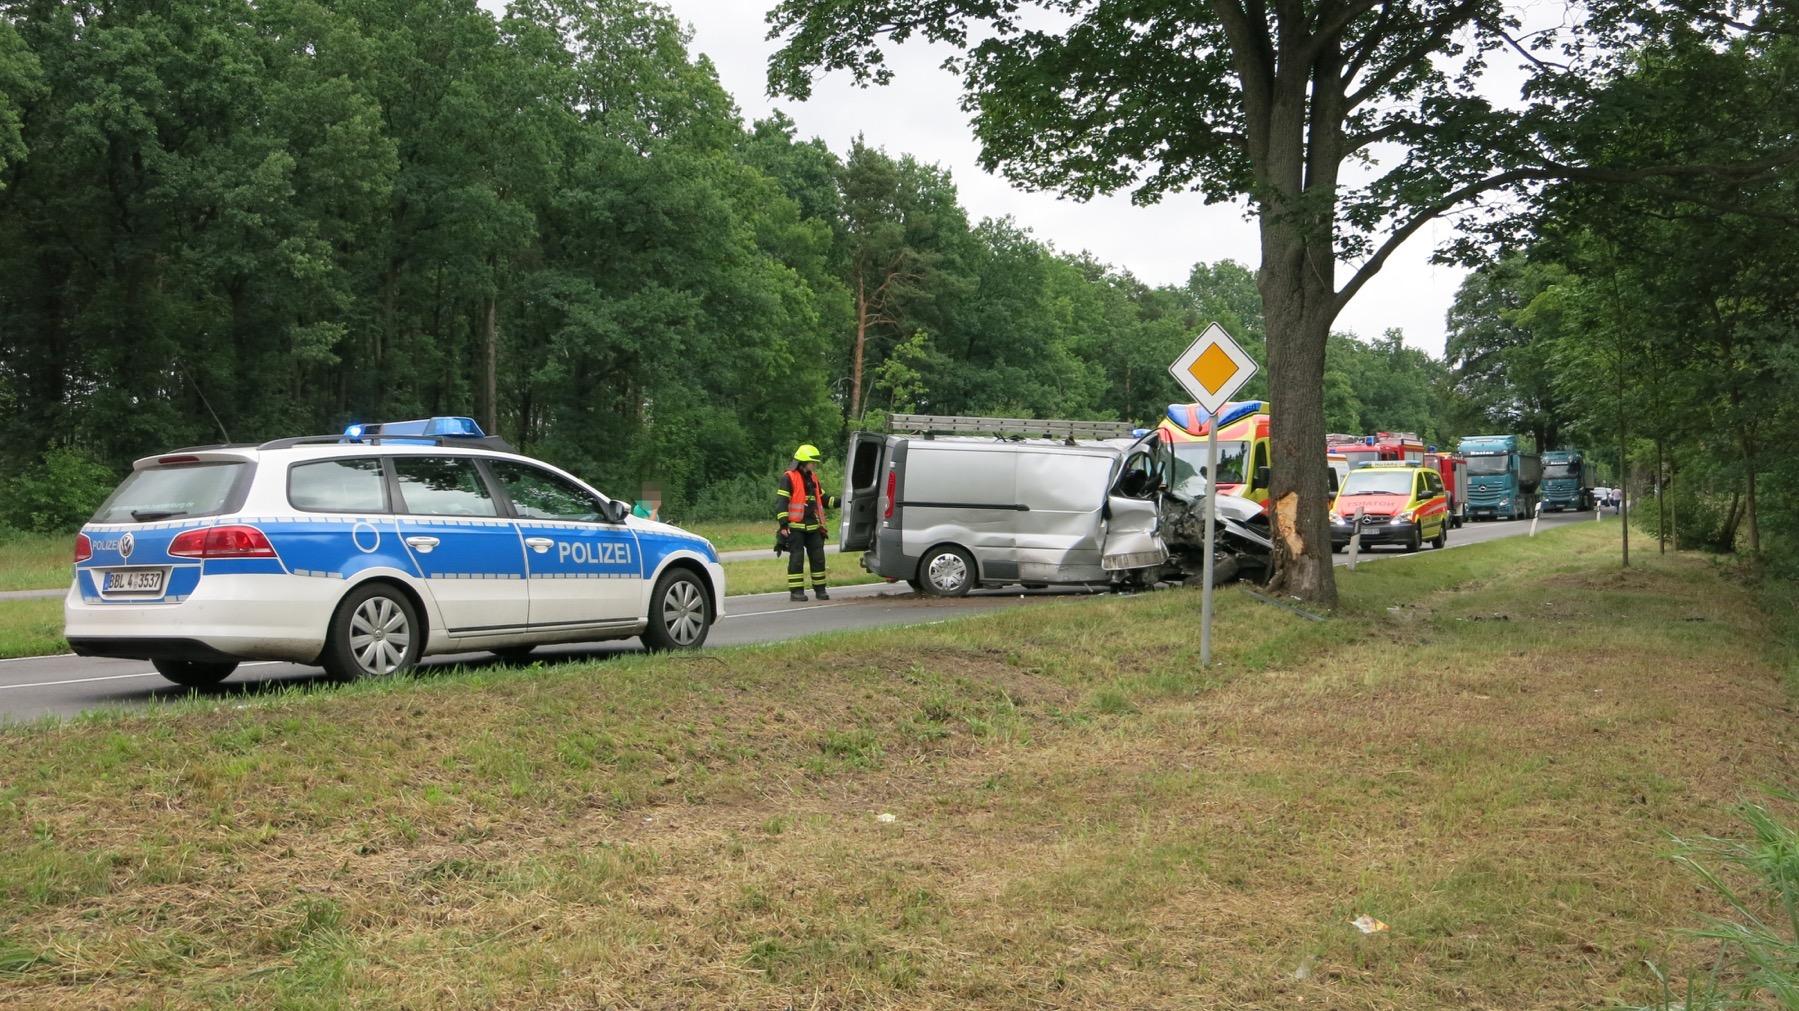 Bernau - Schwerer Unfall in Schönow sorgte für Vollsperrung